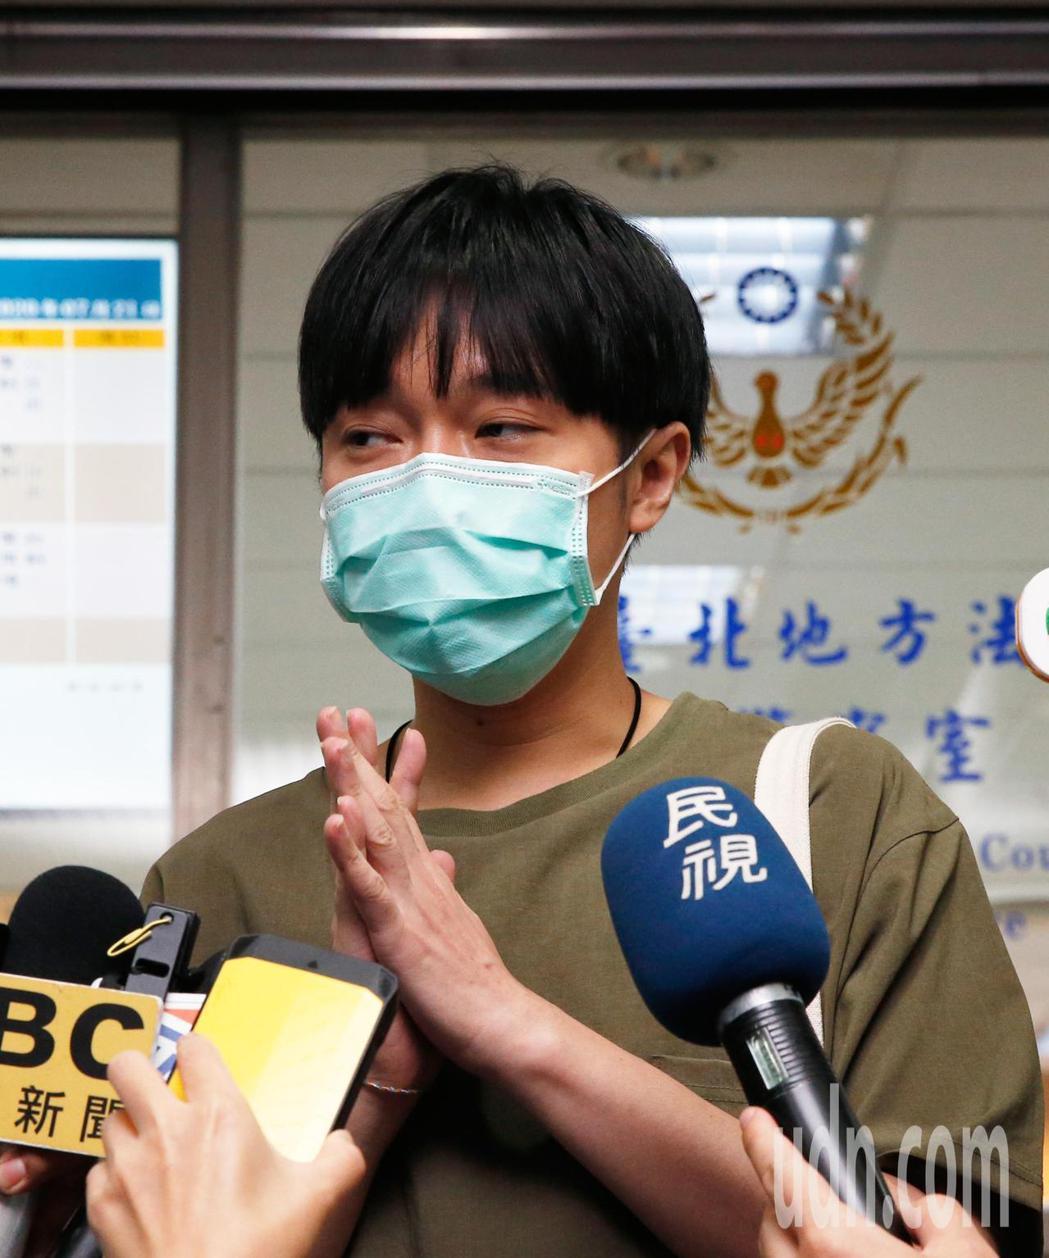 蘇打綠主唱吳青峰在台北地方法院開庭結束後,短暫地發表聲明,也謝謝大家關心。記者鄭...